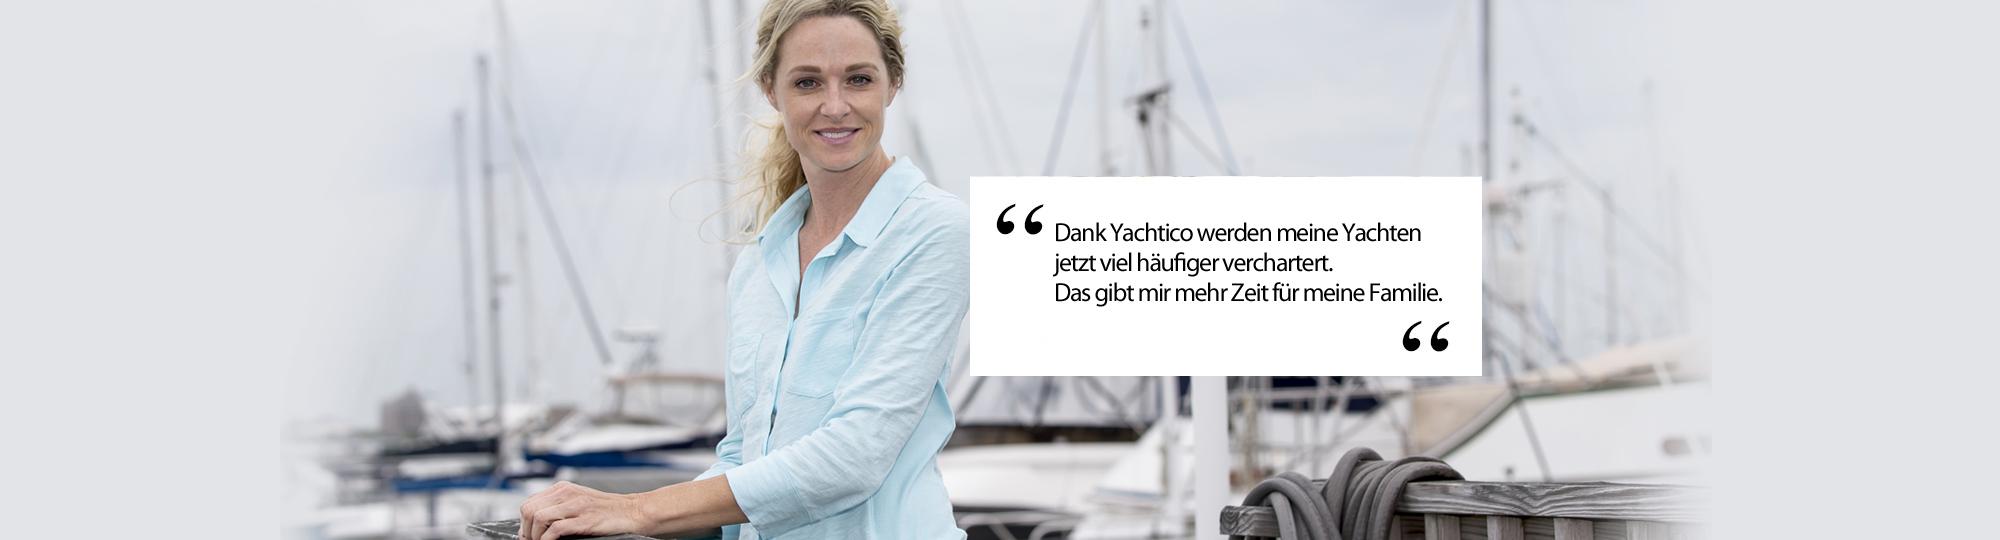 Yachten vermieten auf YACHTICO.com